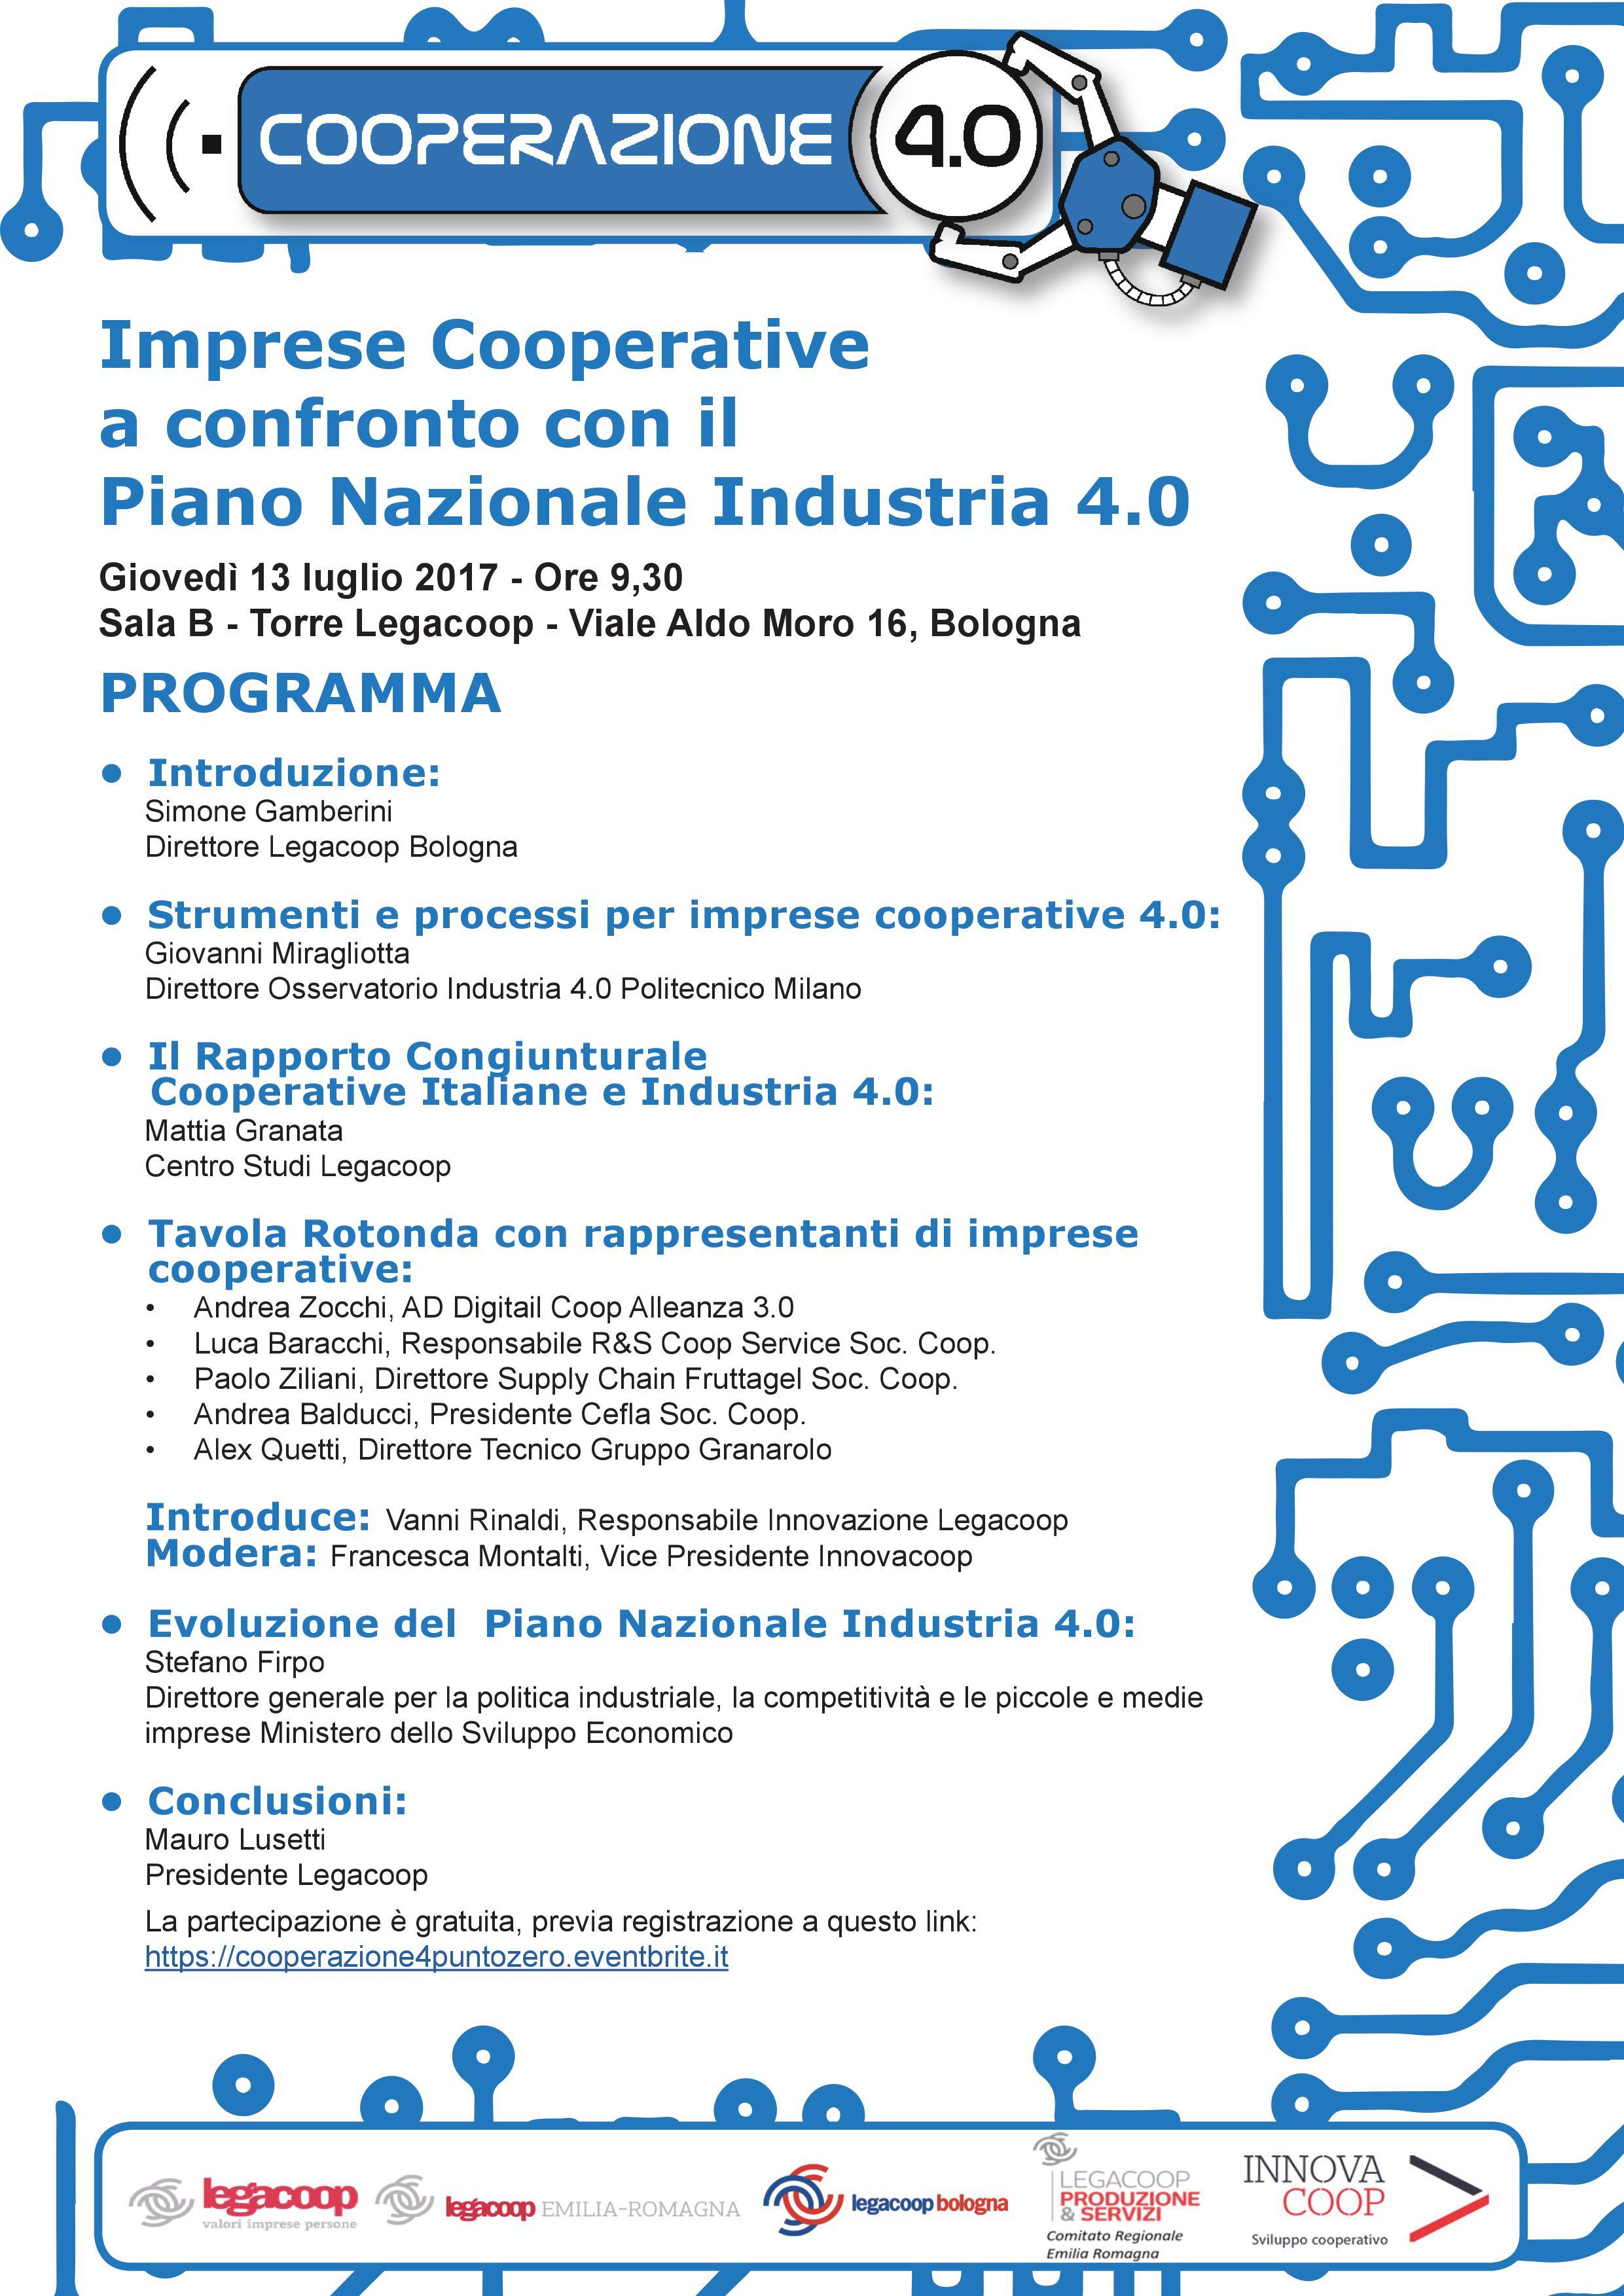 Cooperazione 4.0: ecco il programma completo dell'iniziativa del 13 luglio a Bologna, per un confronto tra imprese cooperativa e Piano Nazionale Industria 4.0